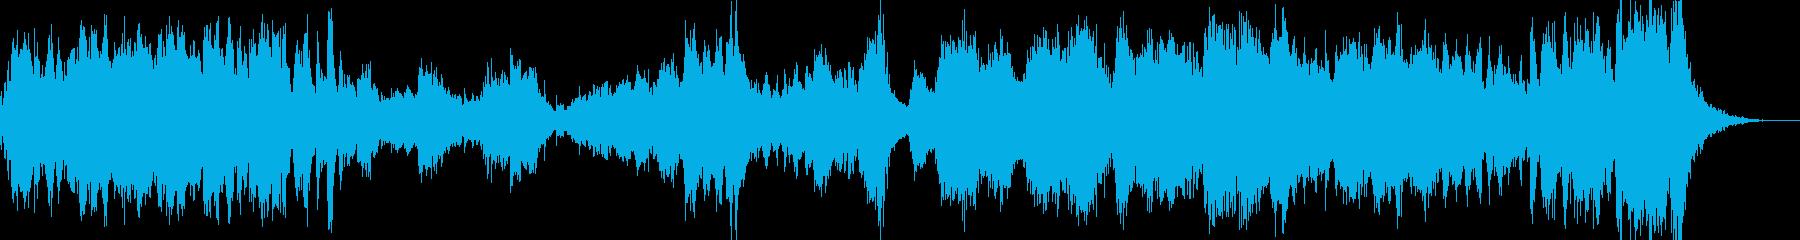 オーケストラ 決断を迫る場面にの再生済みの波形